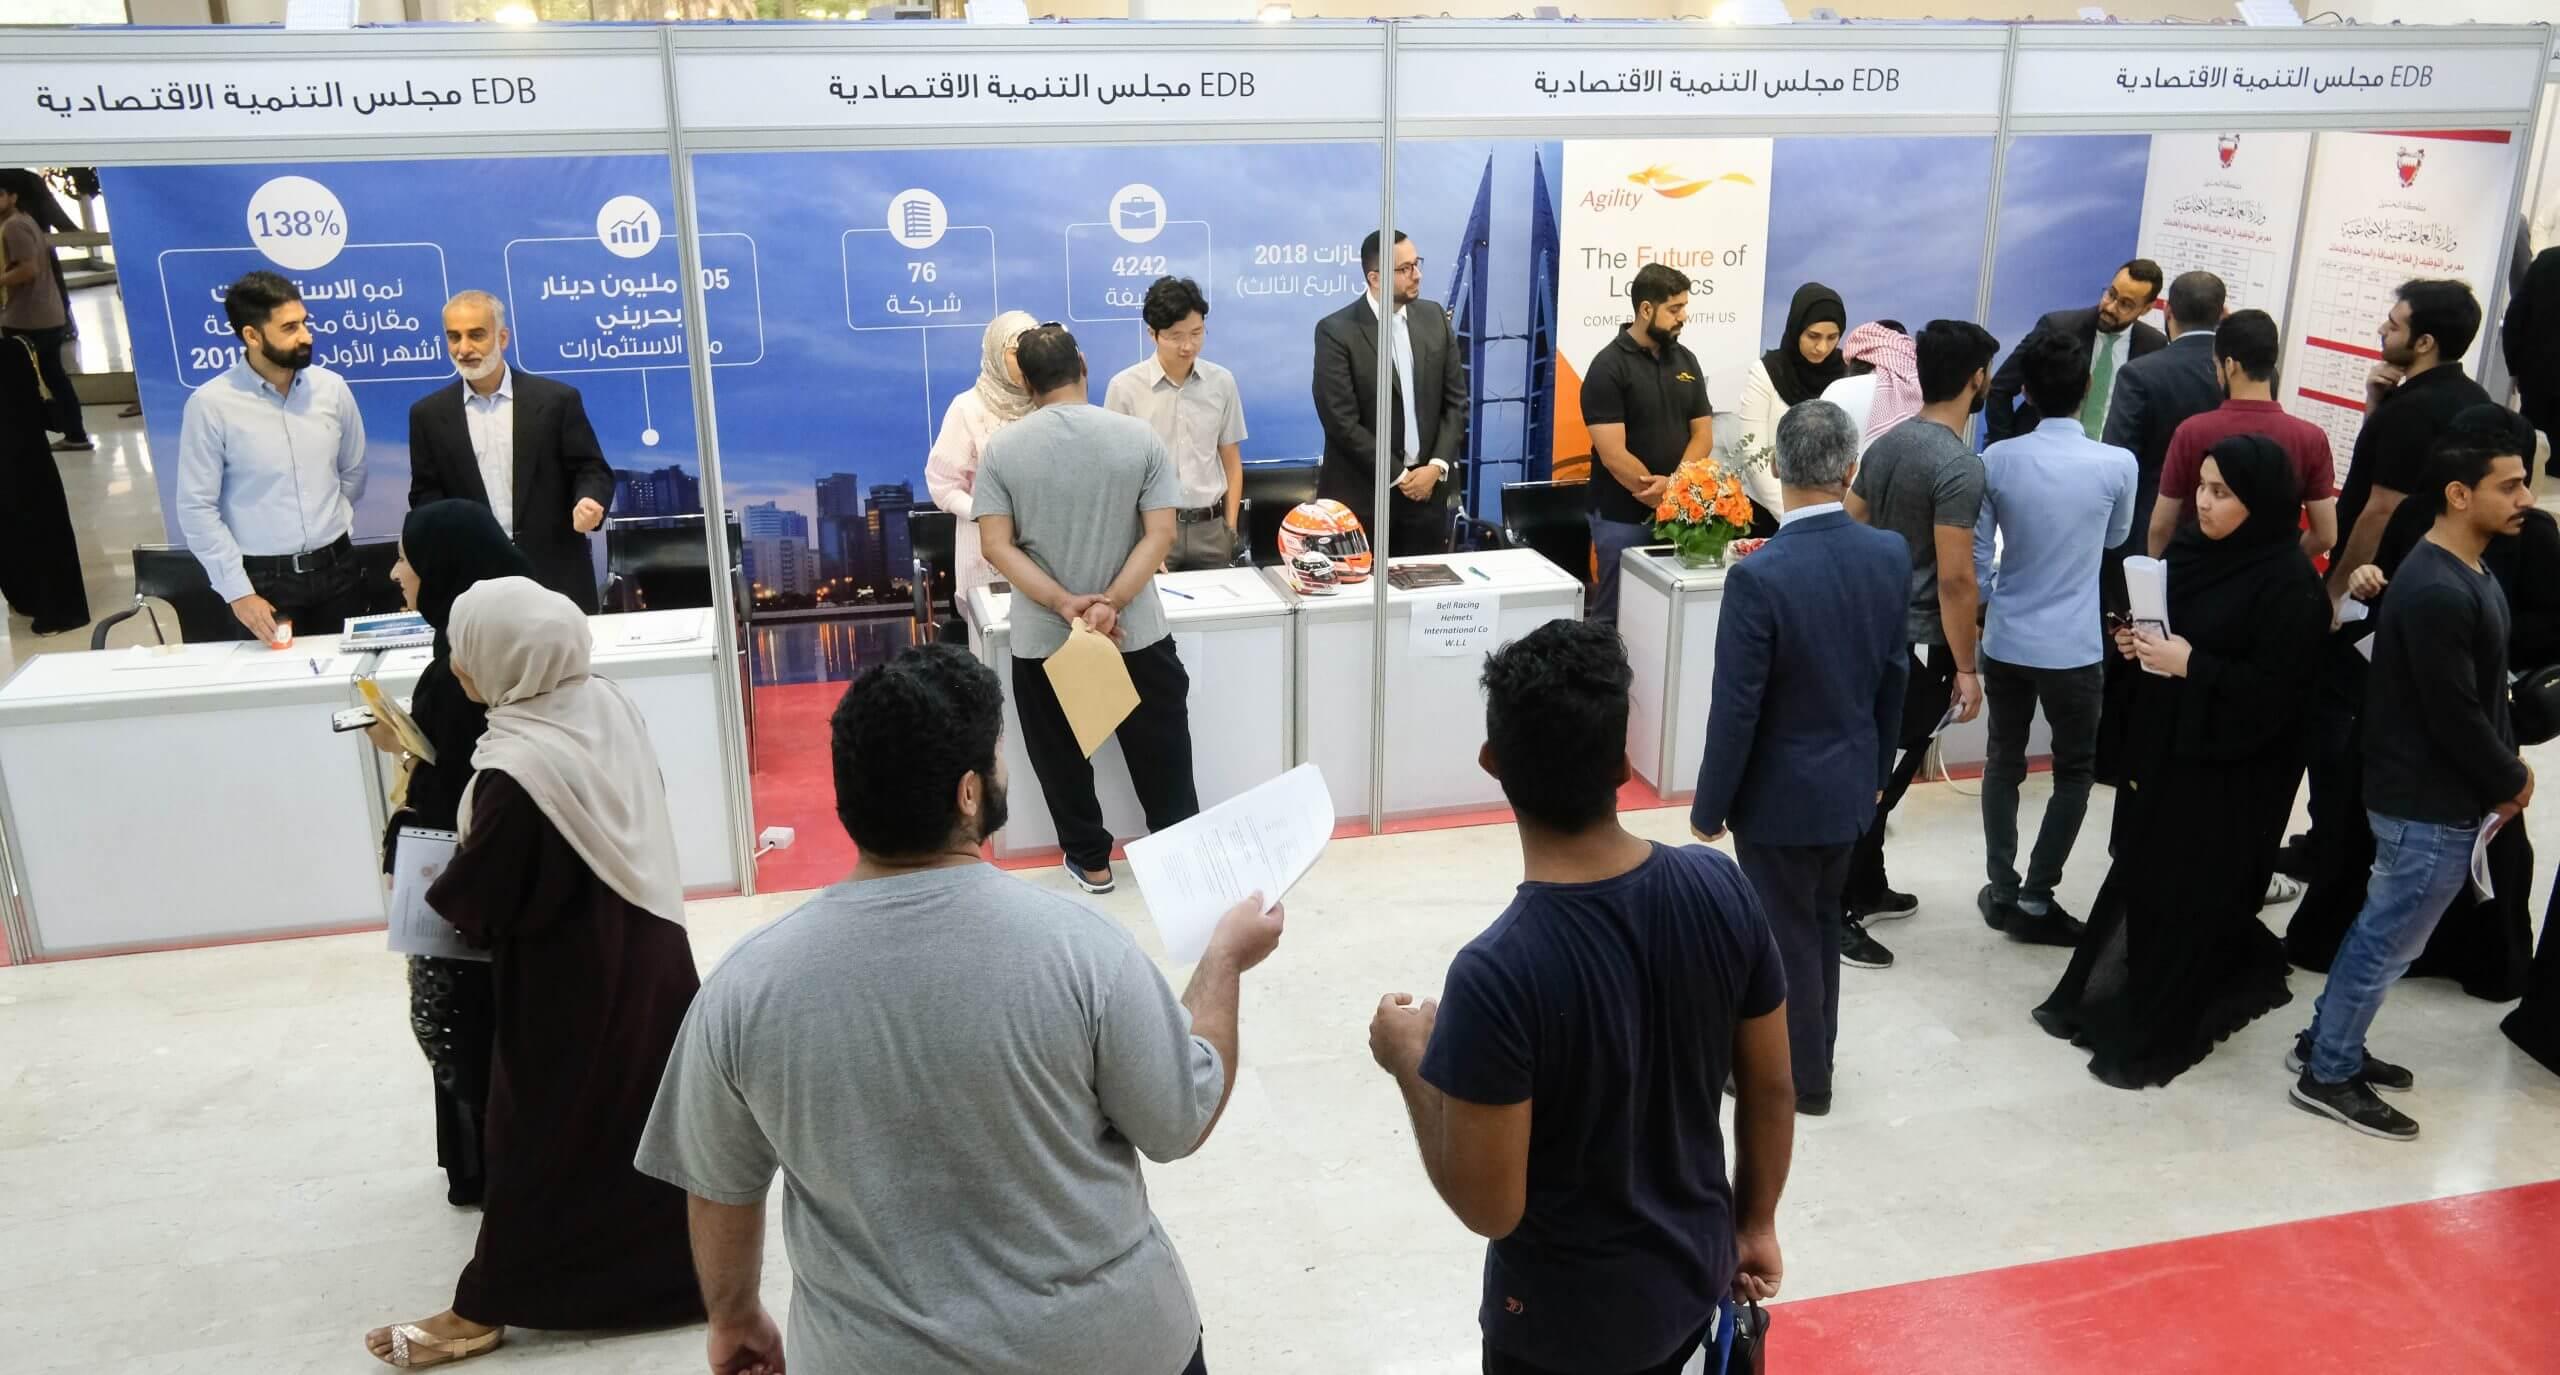 مجلس التنمية الاقتصادية يشارك في معرض التوظيف بوزارة العمل